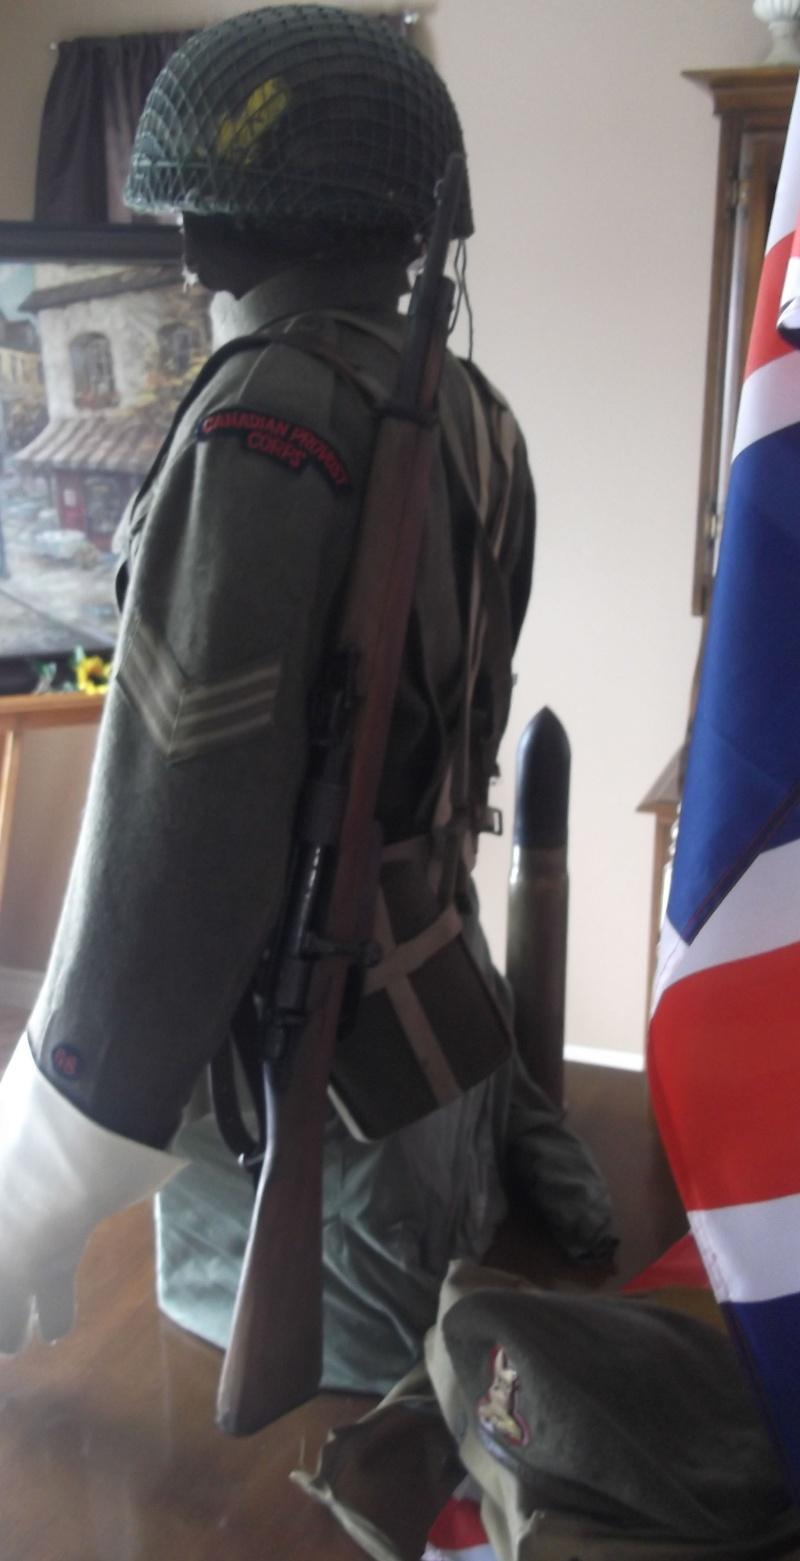 Provost corps canadien 39-45 2iem version 2.0 la suite Dscf7029